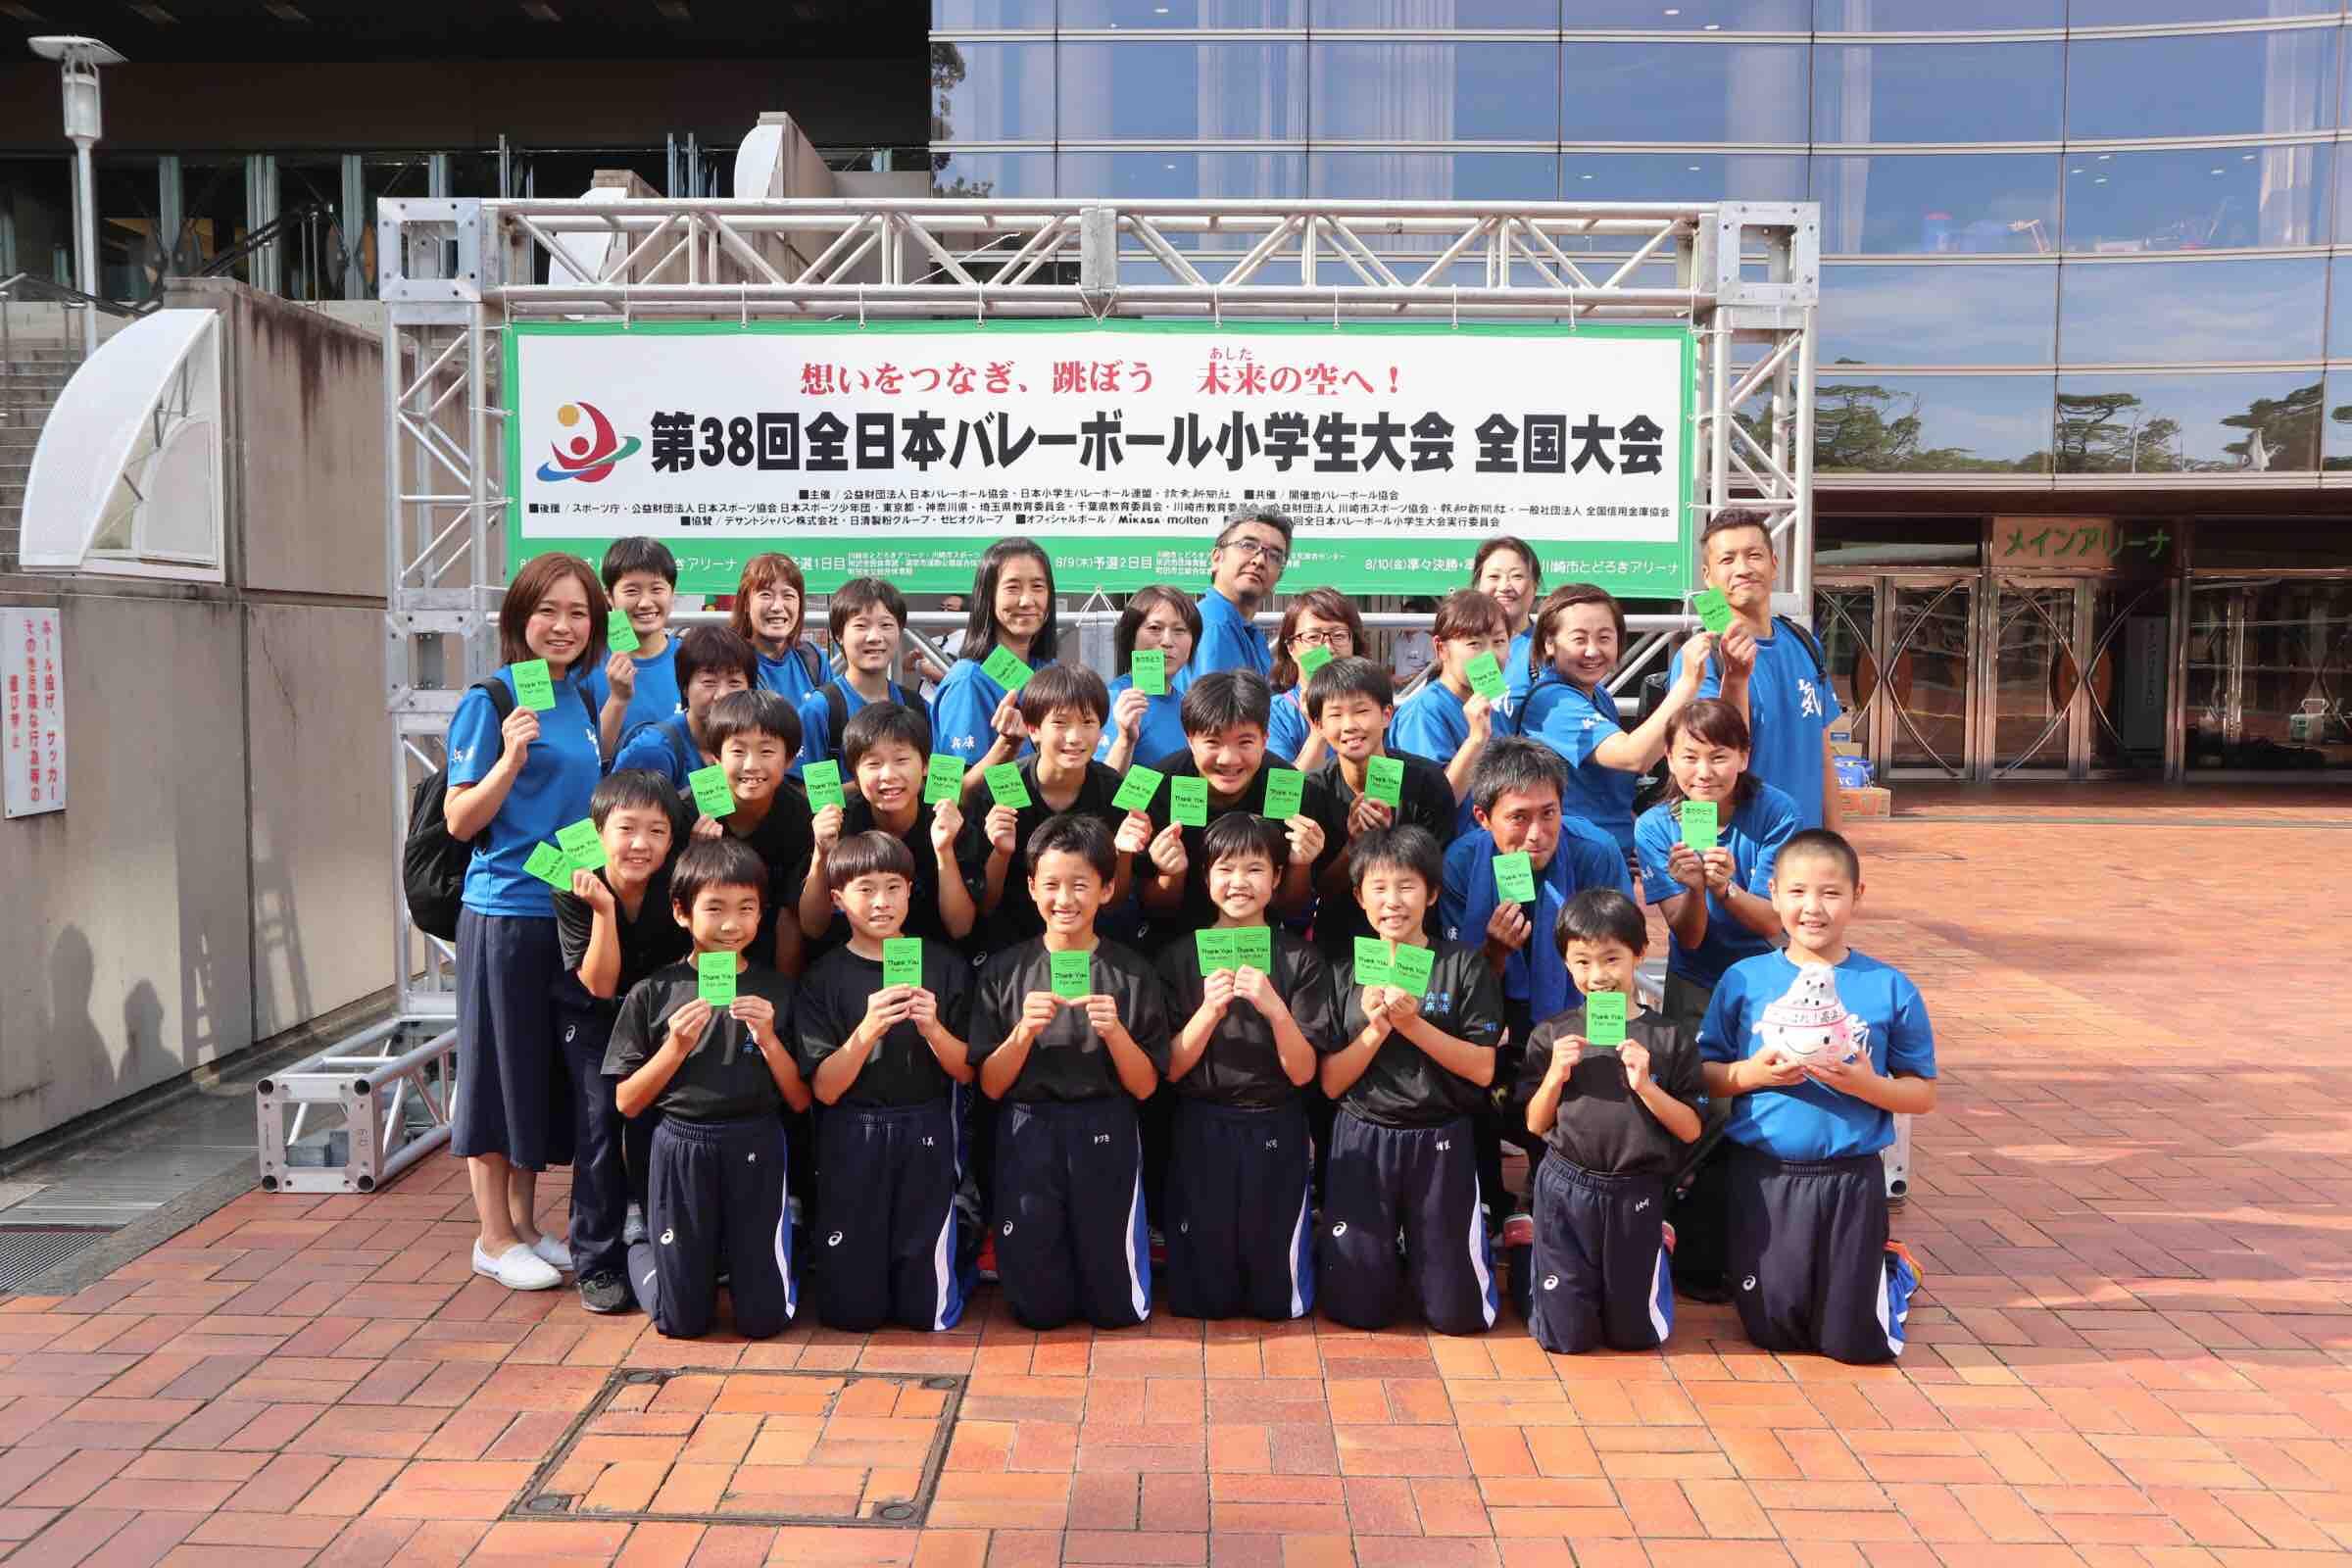 バレーボール 大会 結果 全日本 小学生 2019